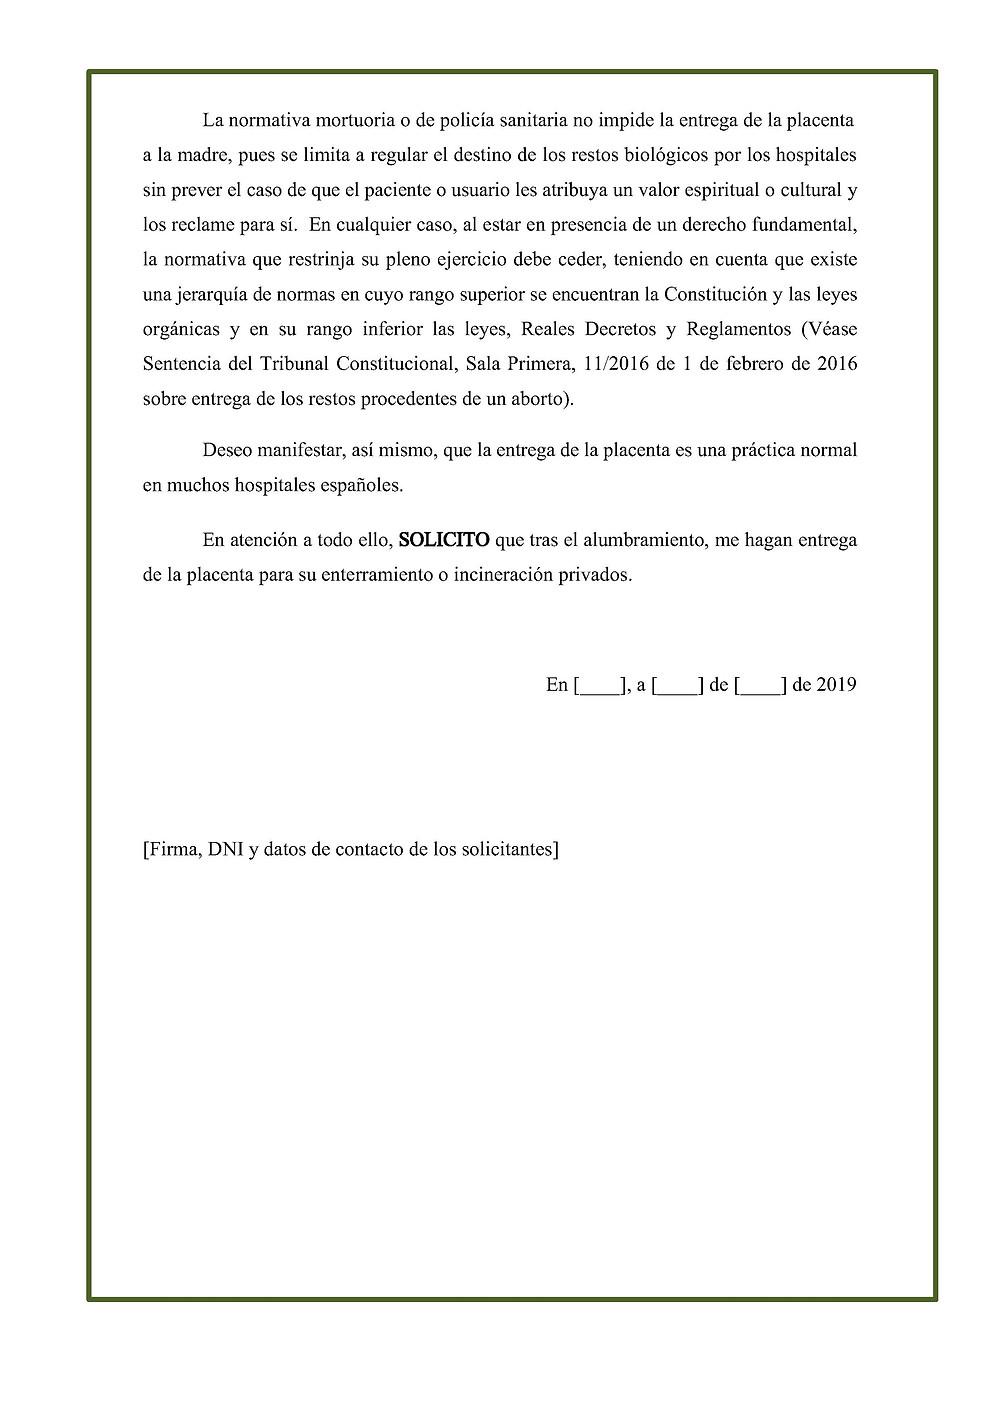 Solicitud placenta_2